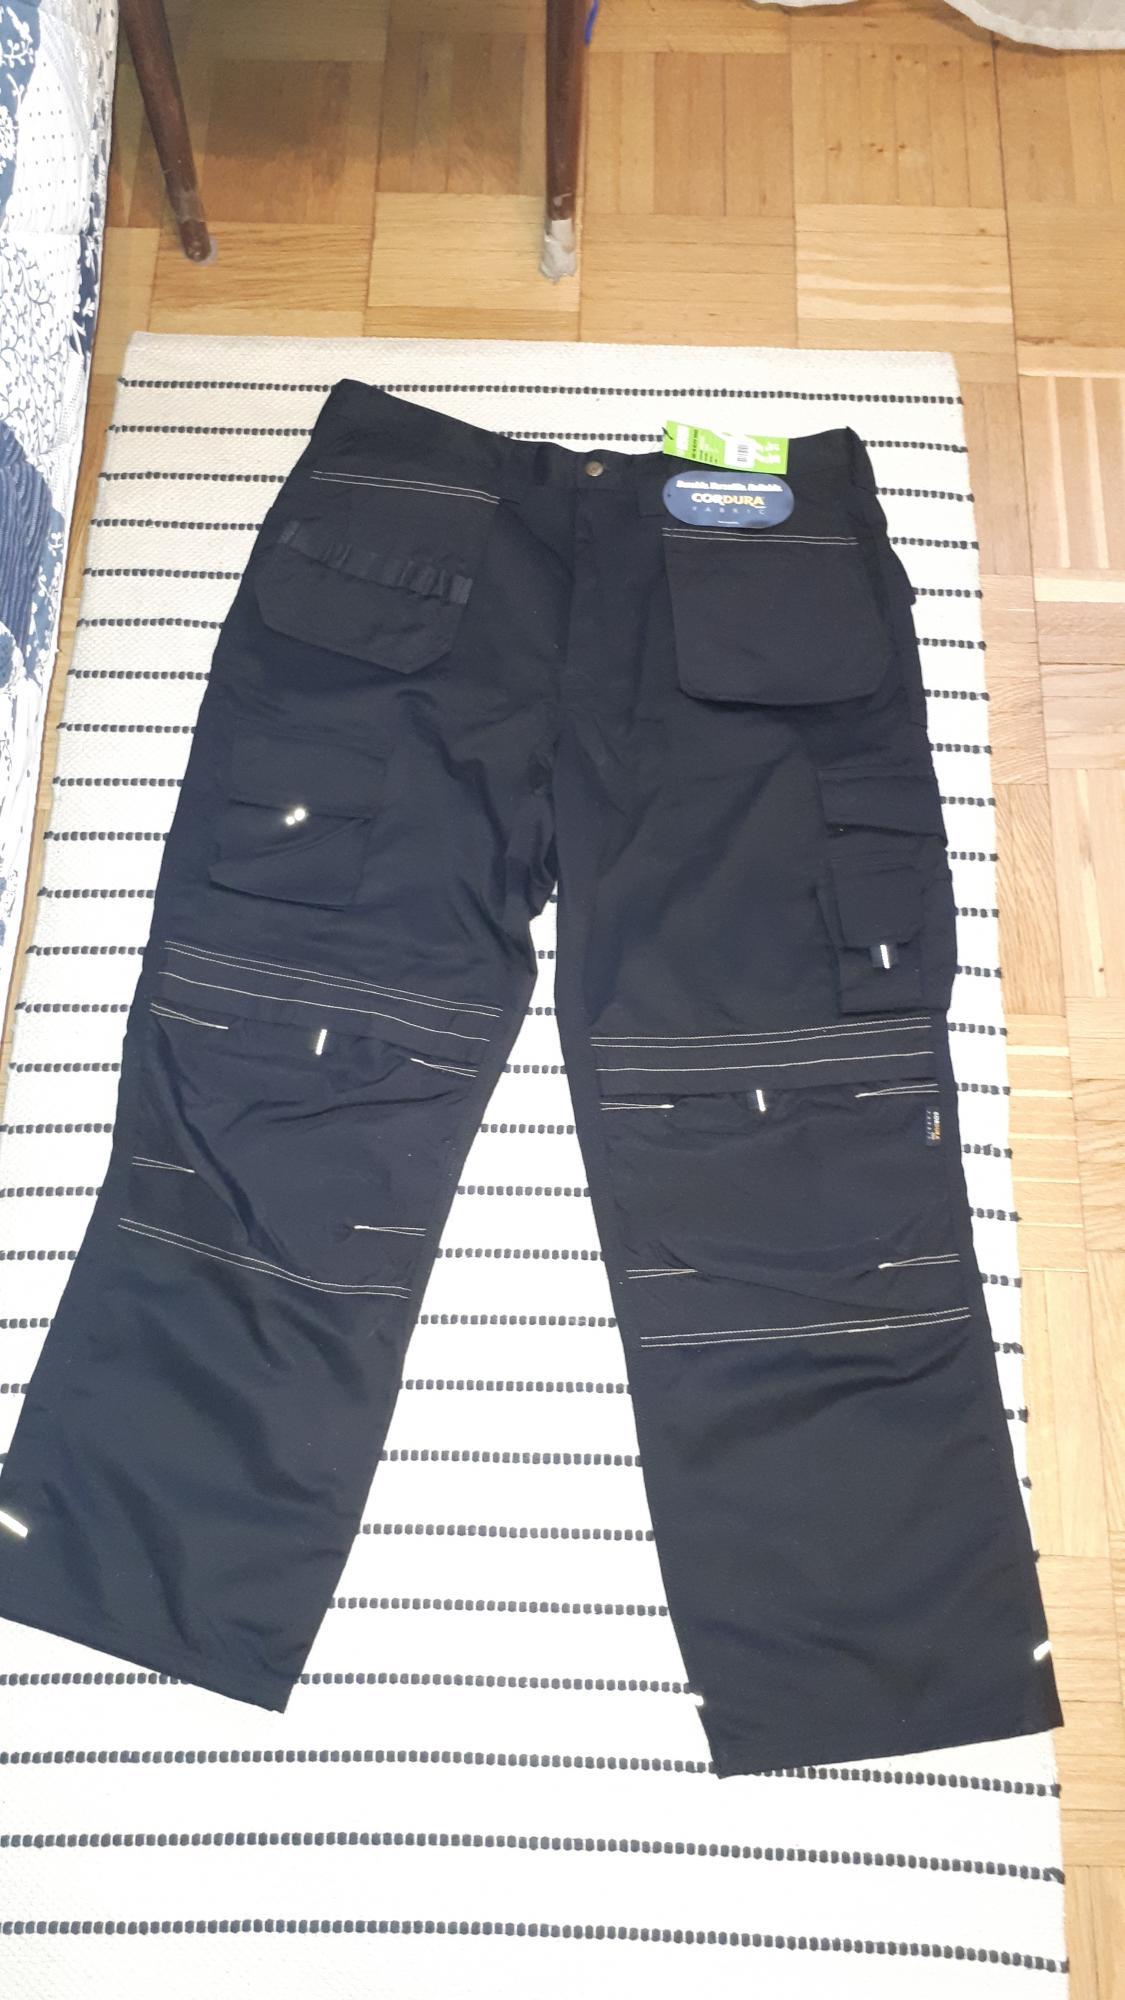 Профессиональные штаны мастера в Москве 89031673004 купить 1